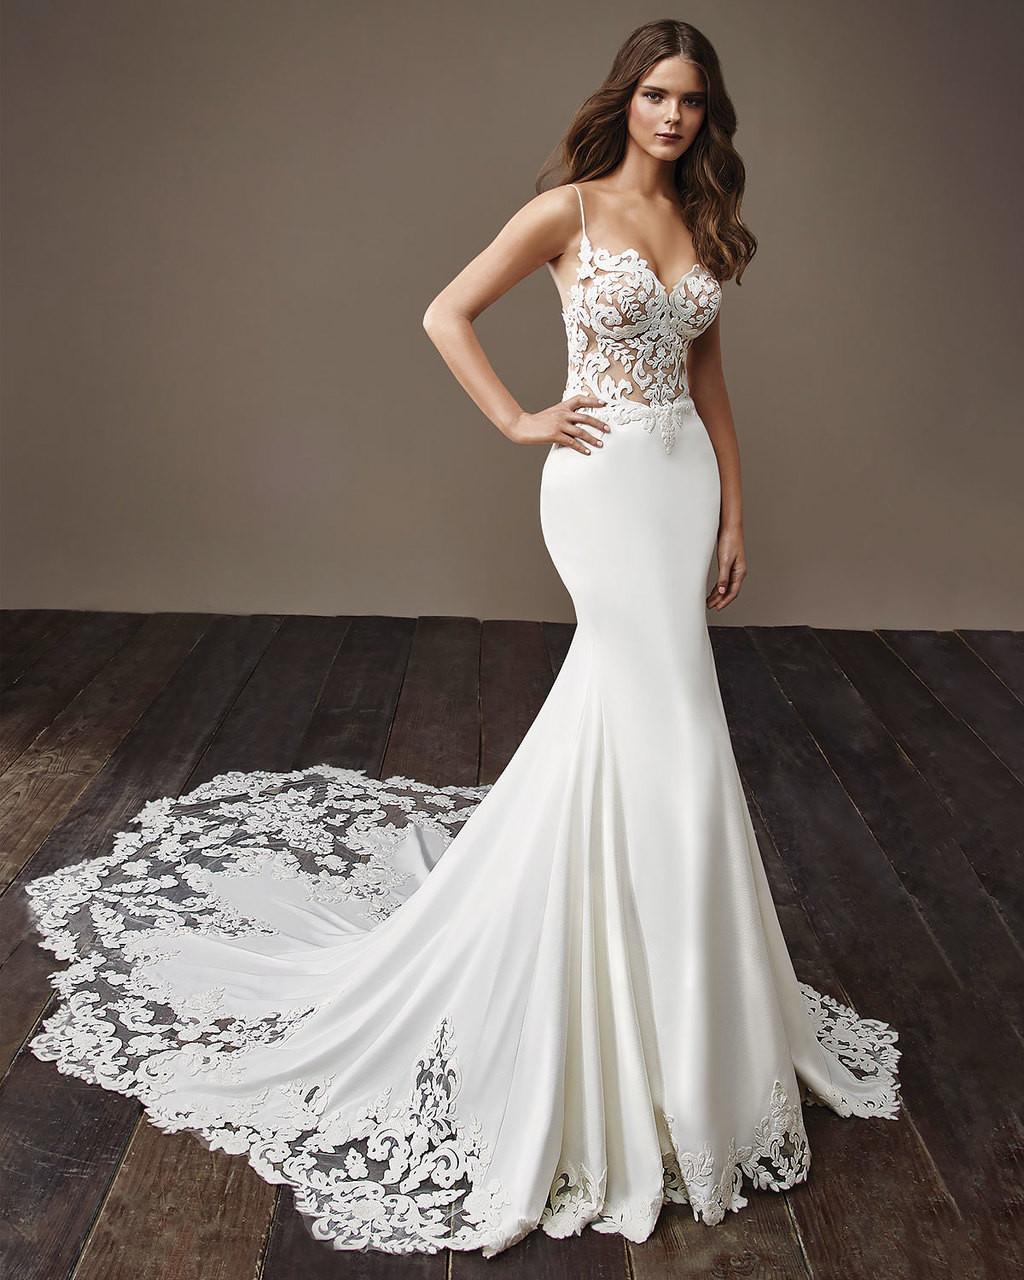 Blake By Badgley Mischka,Short Wedding Dresses For Beach Ceremony